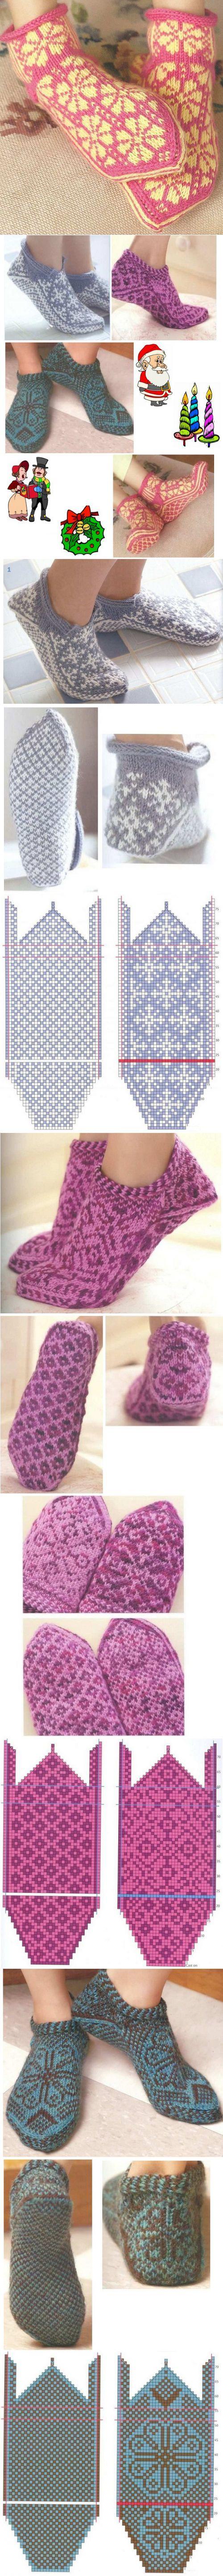 схемы вязания носков жаккардом